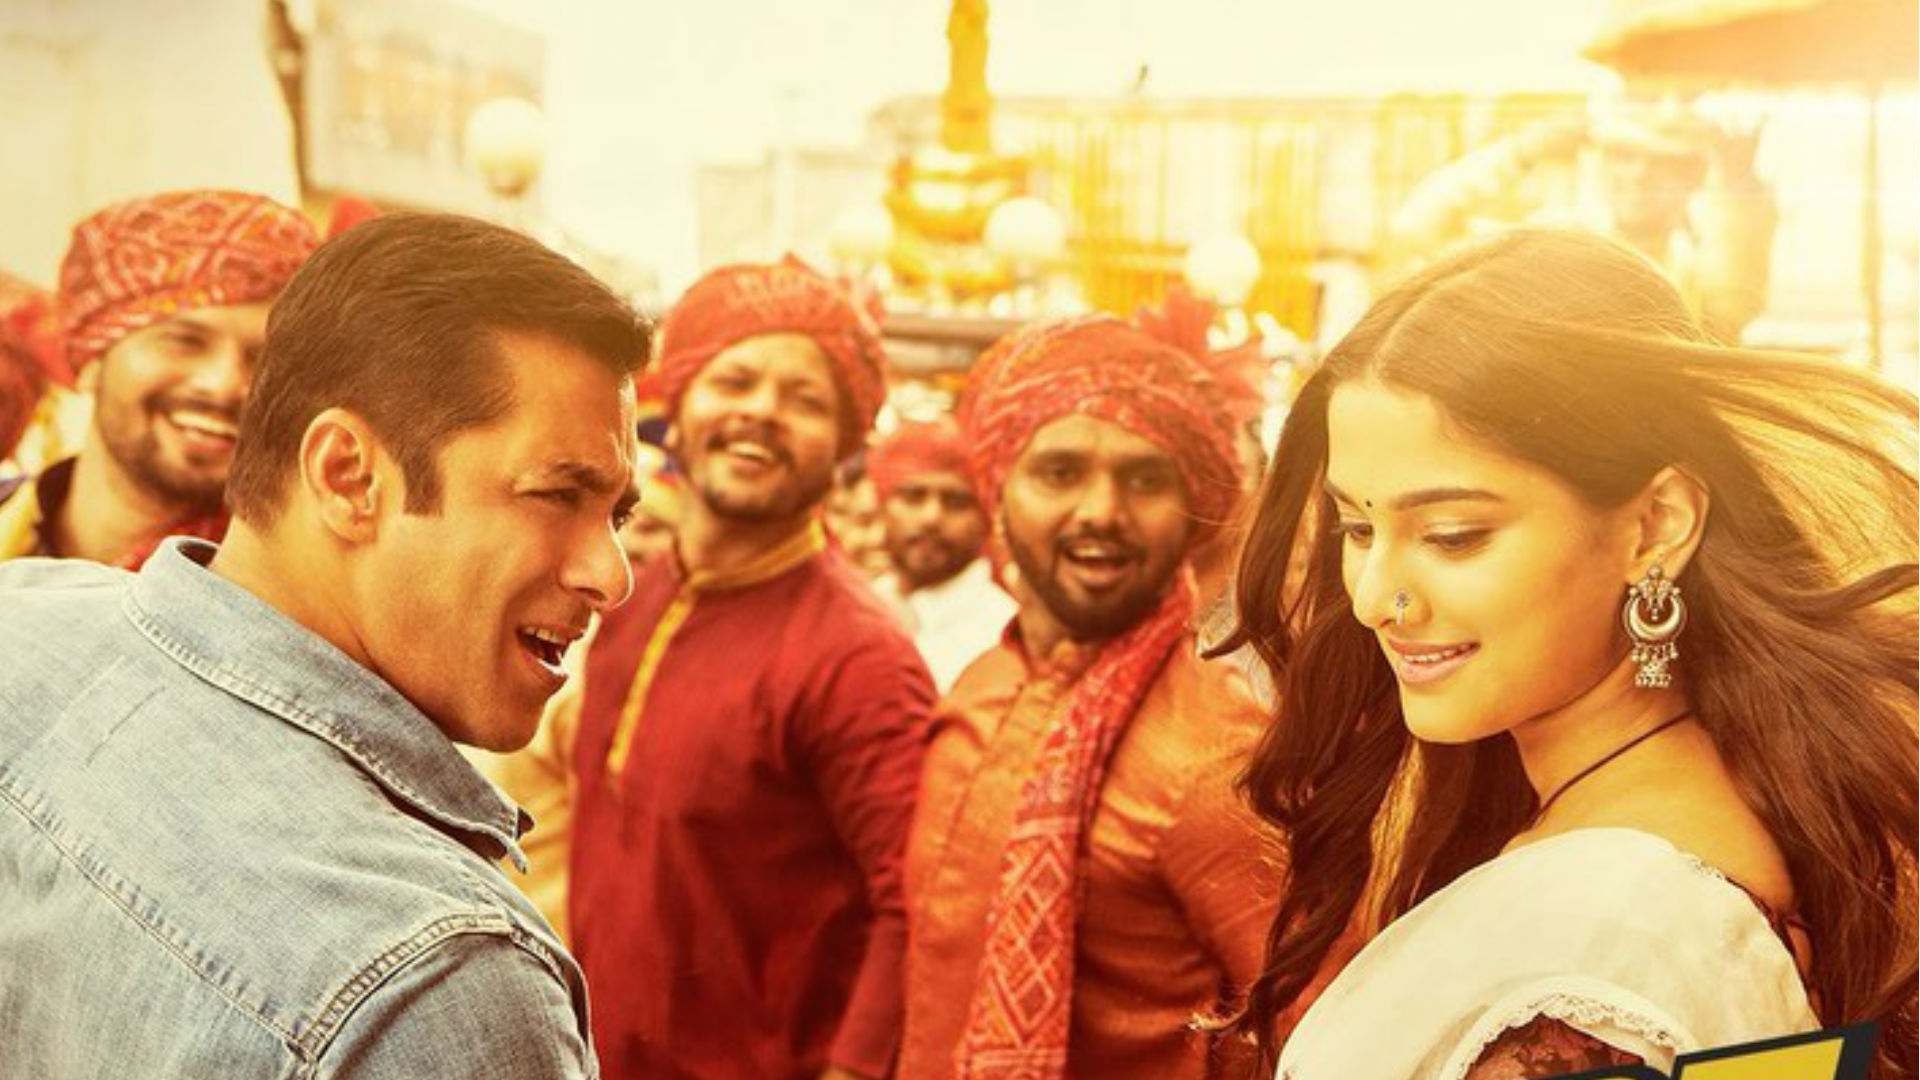 Dabangg 3 Movie: फिल्म के लिए राहत फतेह अली खान ने गाया था गाना, इस वजह से सलमान खान ने हटाया!